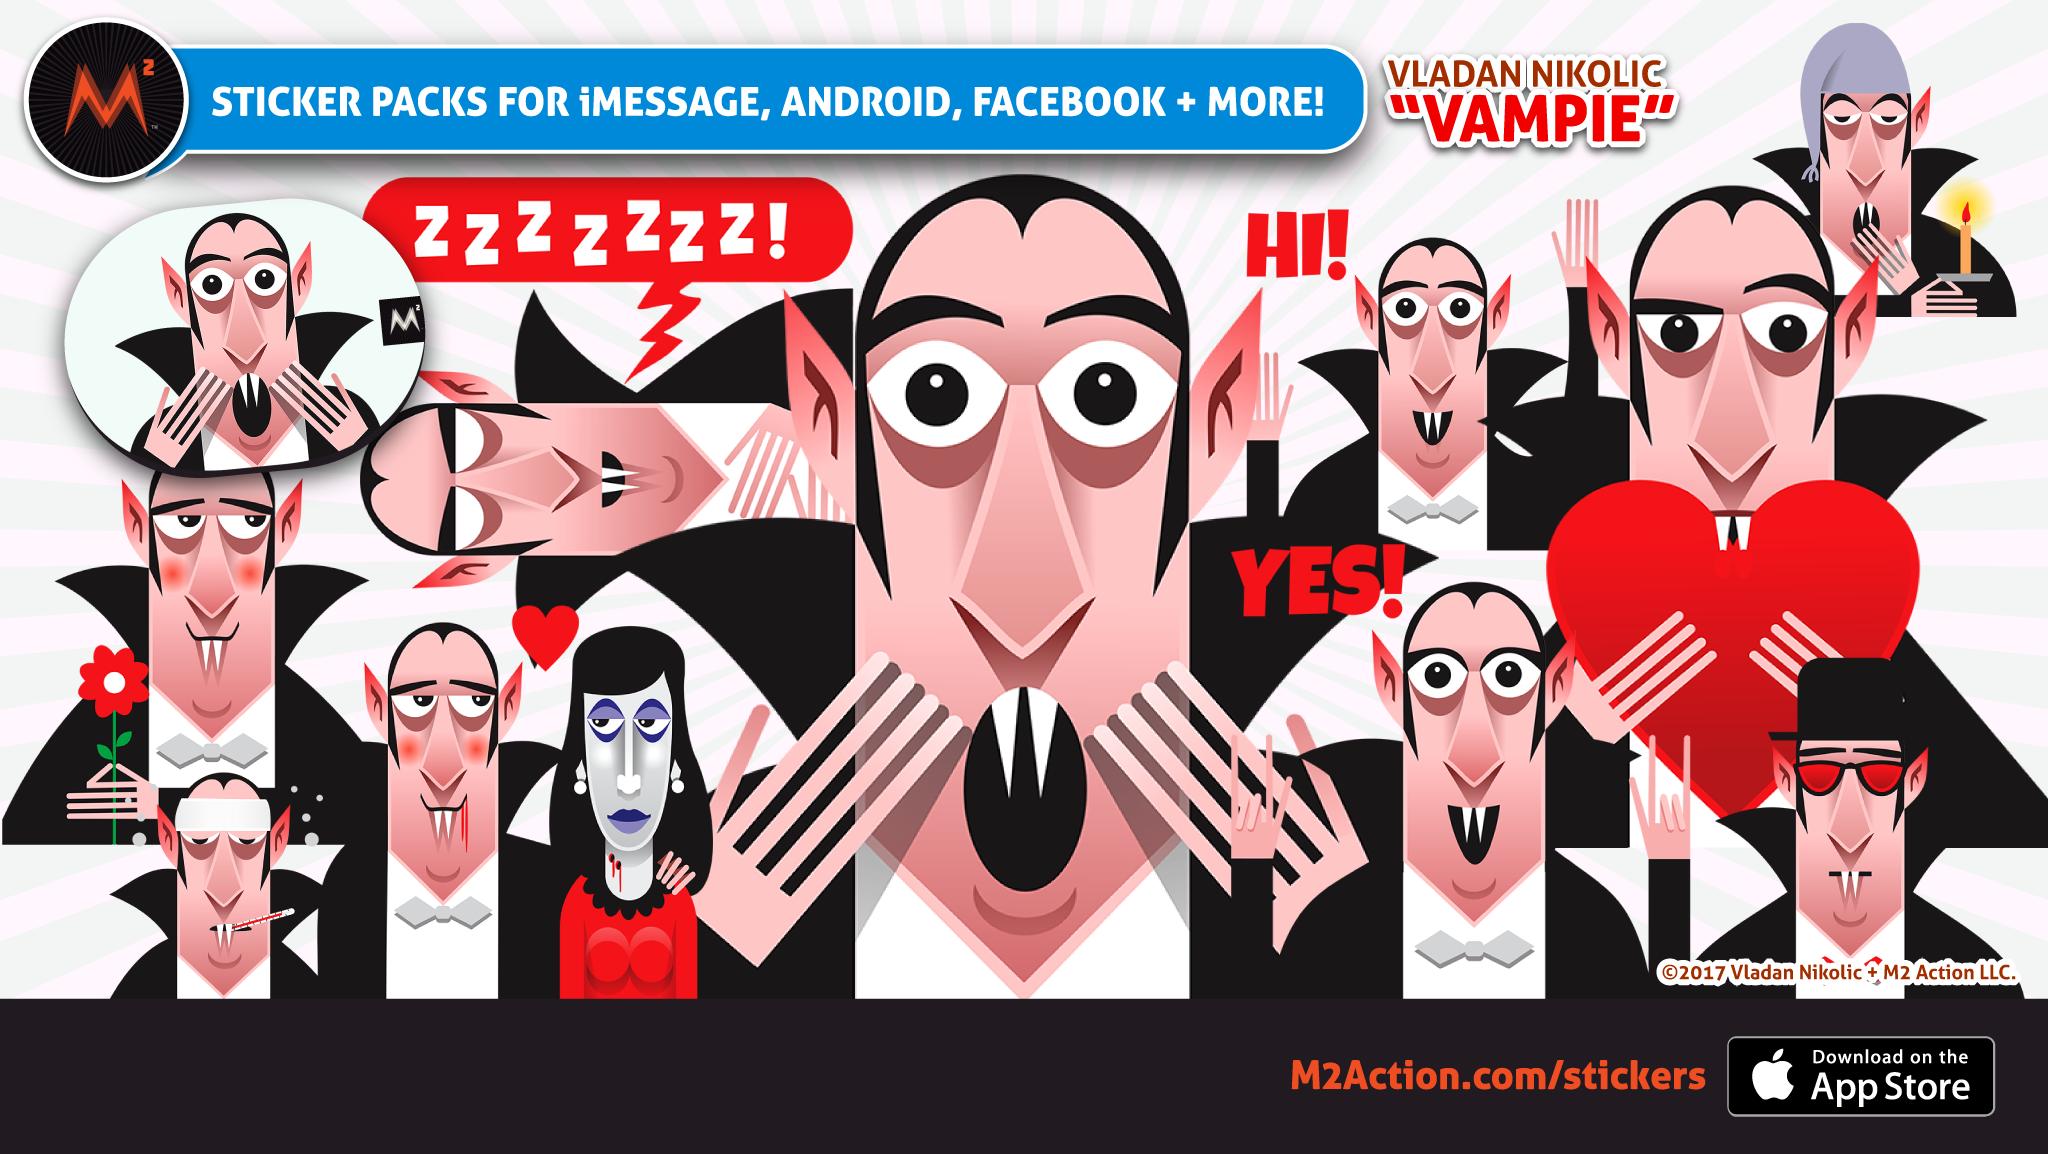 M2_Stickers_Promos_April2017_VladanNikolic_Vampie.png